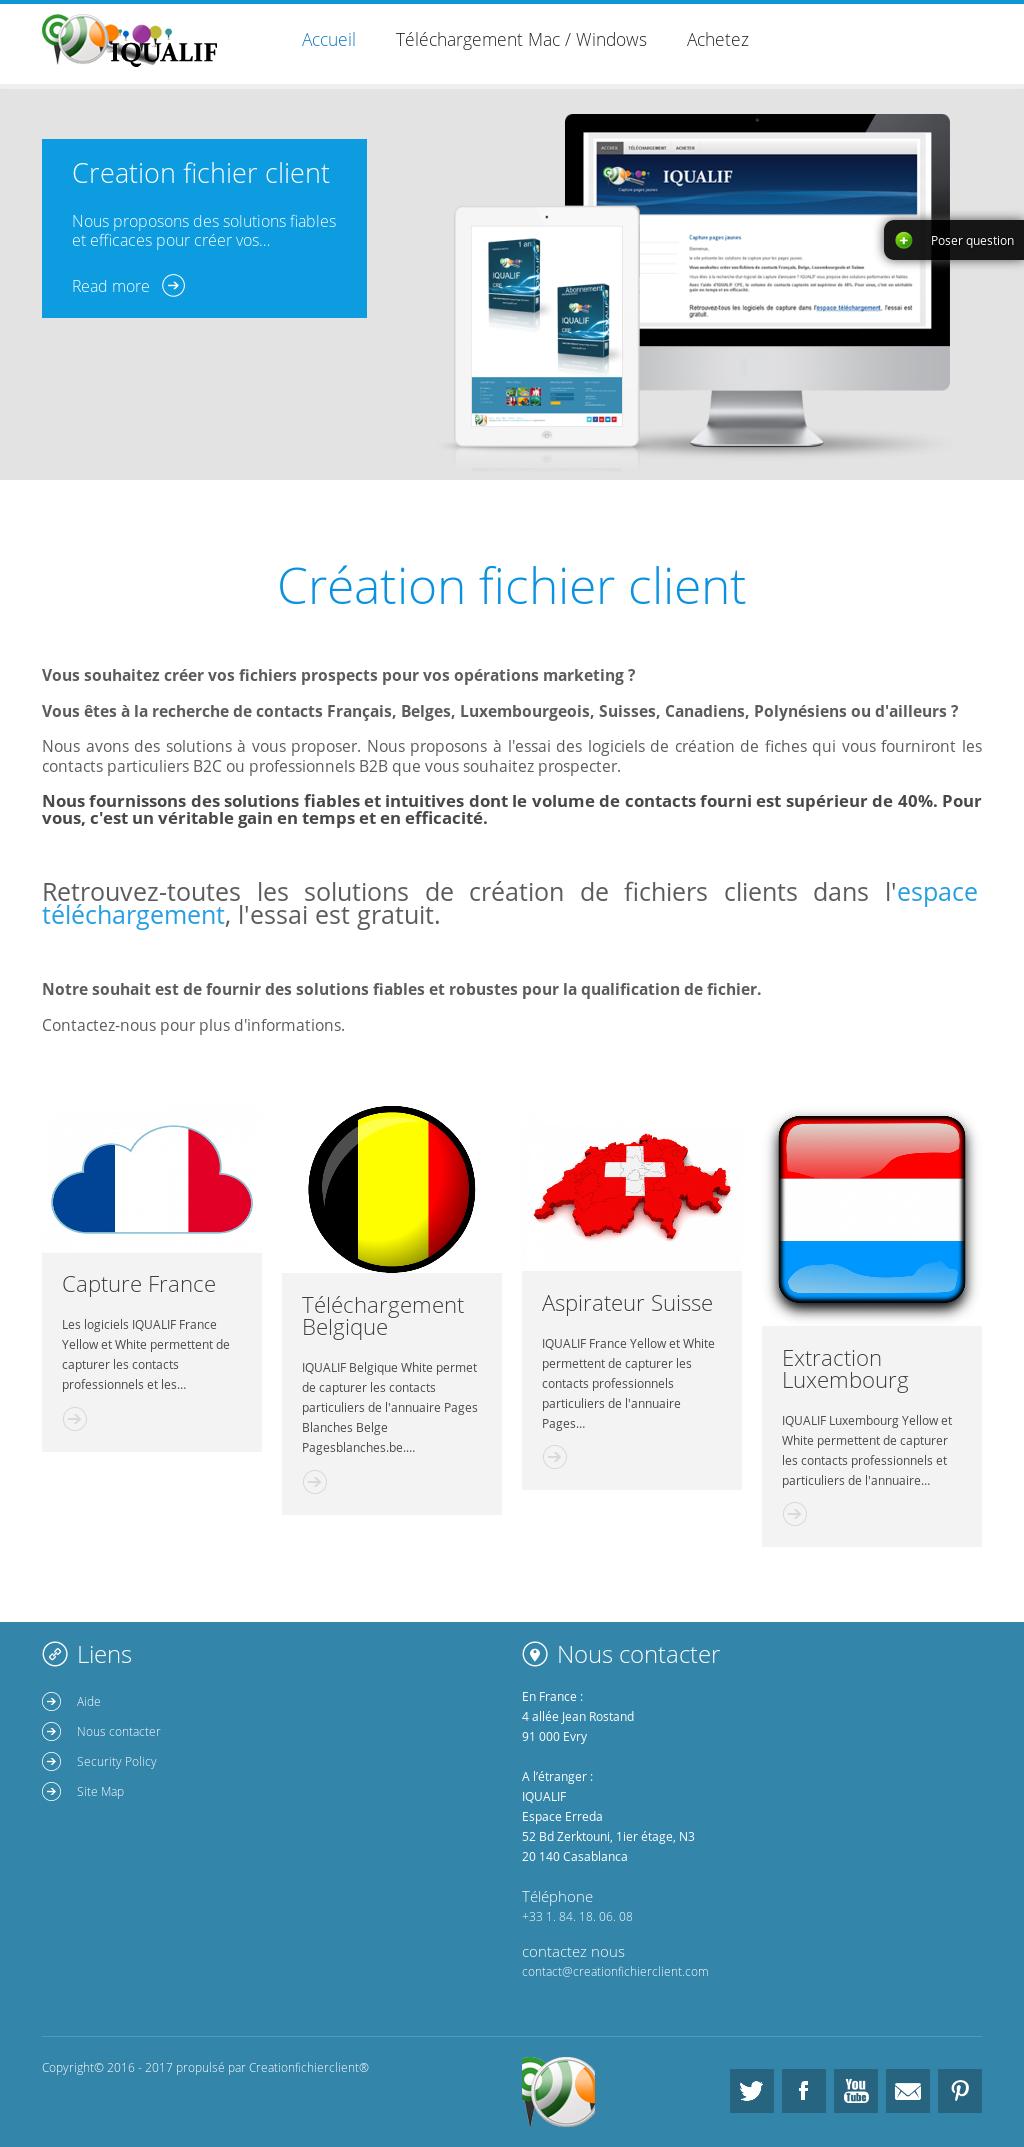 iqualif suisse